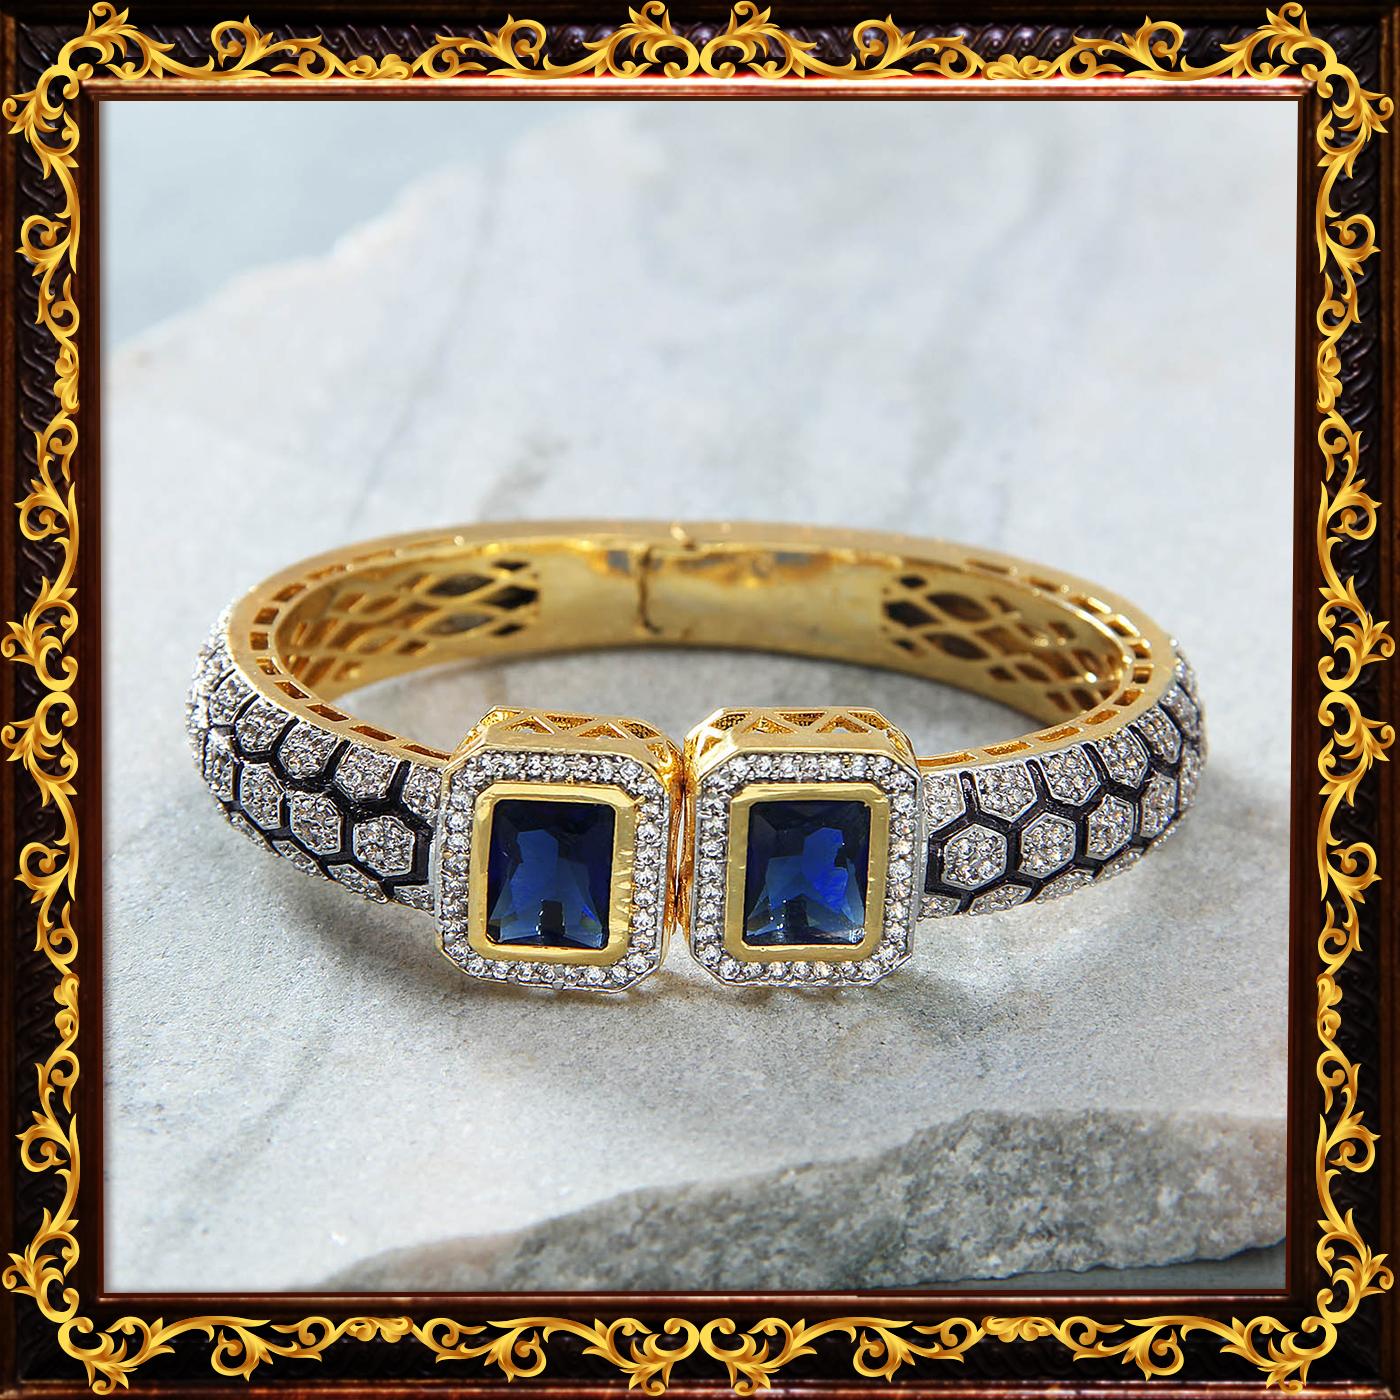 Prussian_blue_stone_bracelet